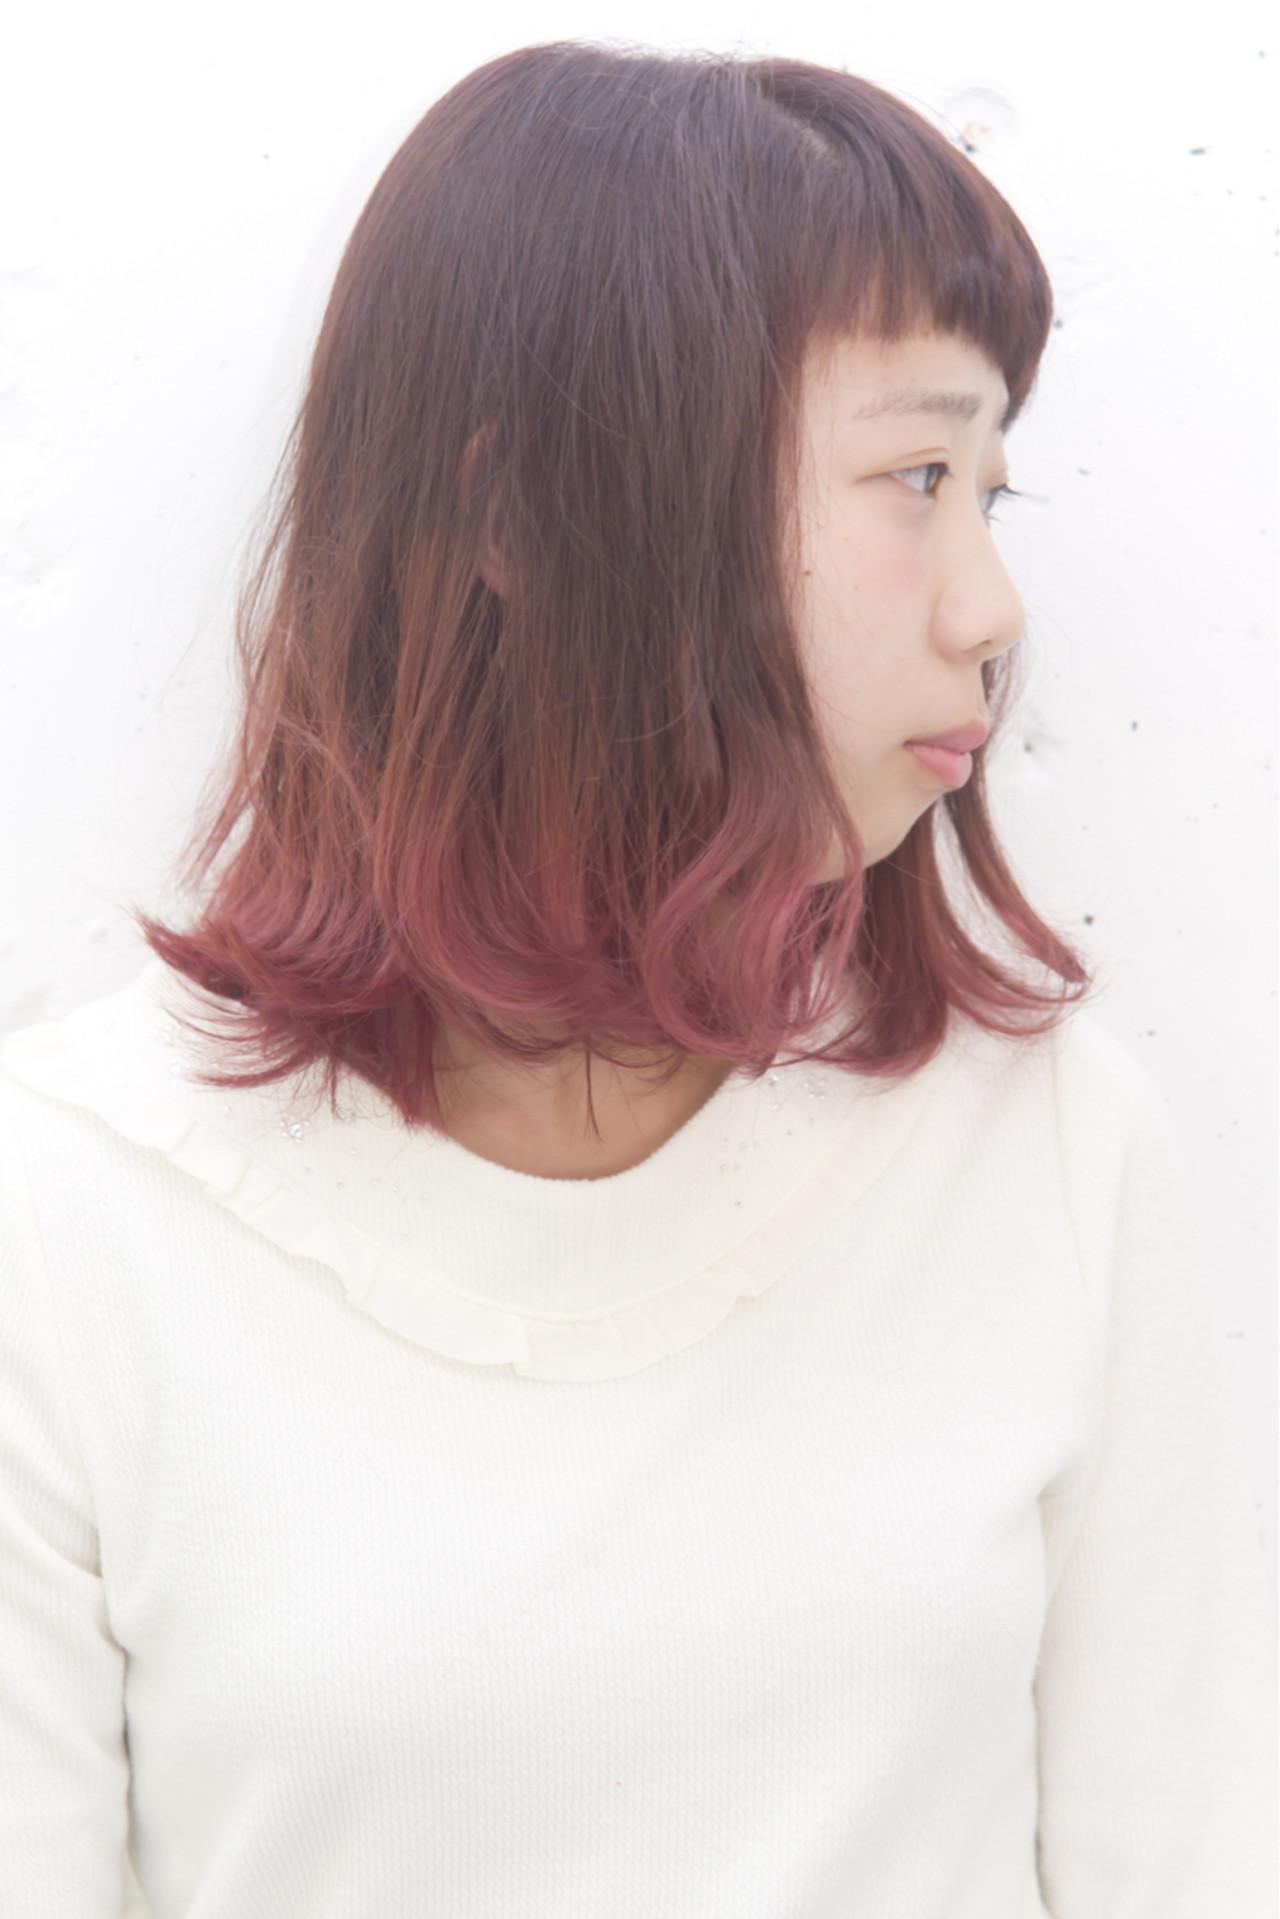 外国人風 ストリート グラデーションカラー パープル ヘアスタイルや髪型の写真・画像